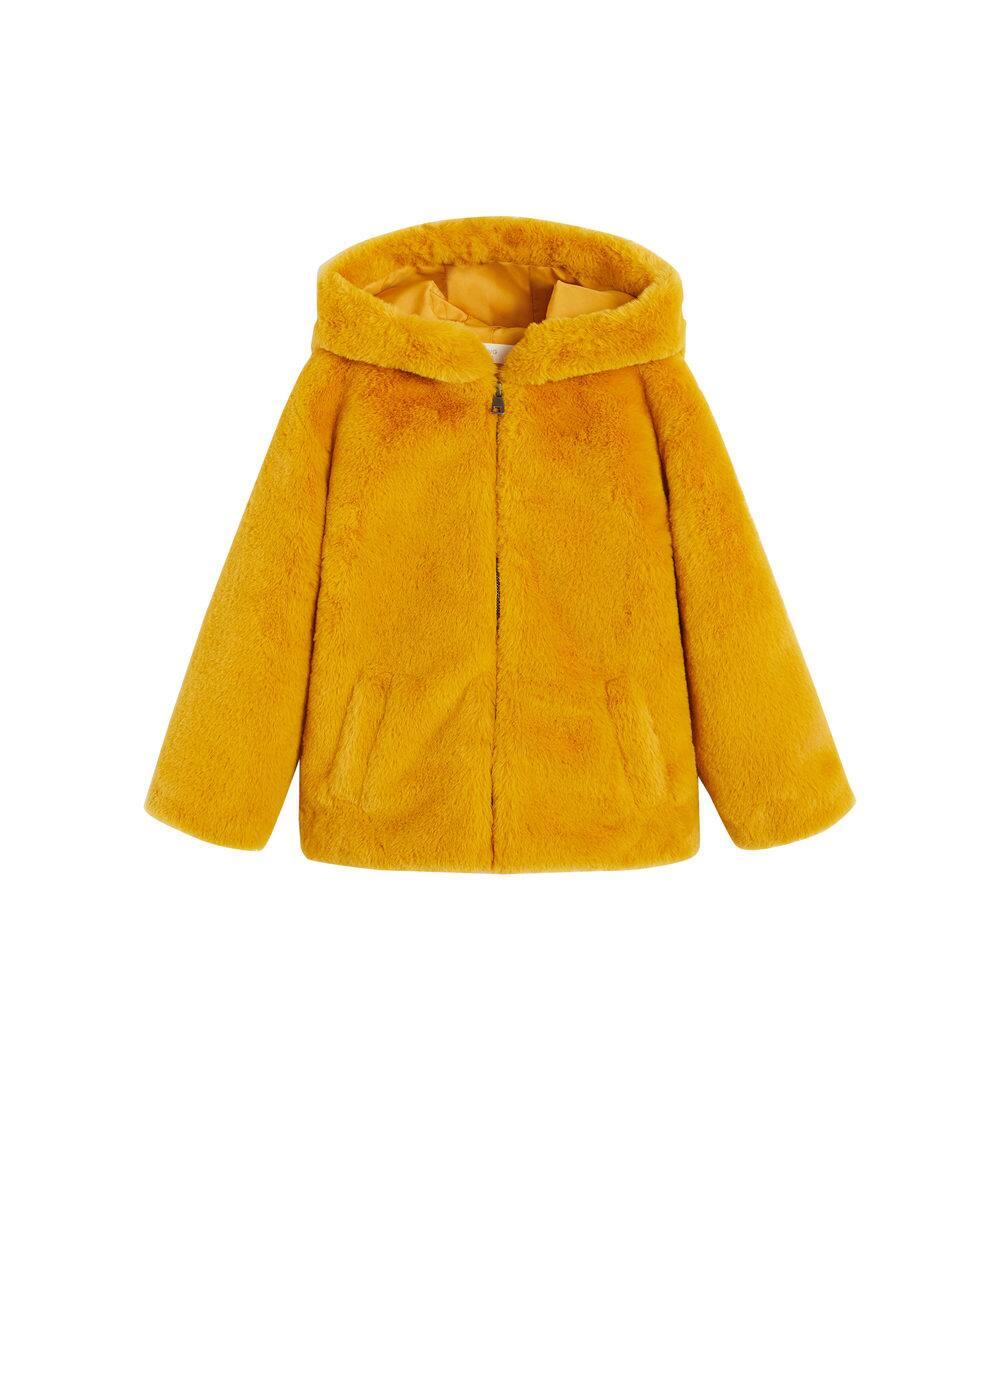 a-bolita:chaqueta pelo capucha